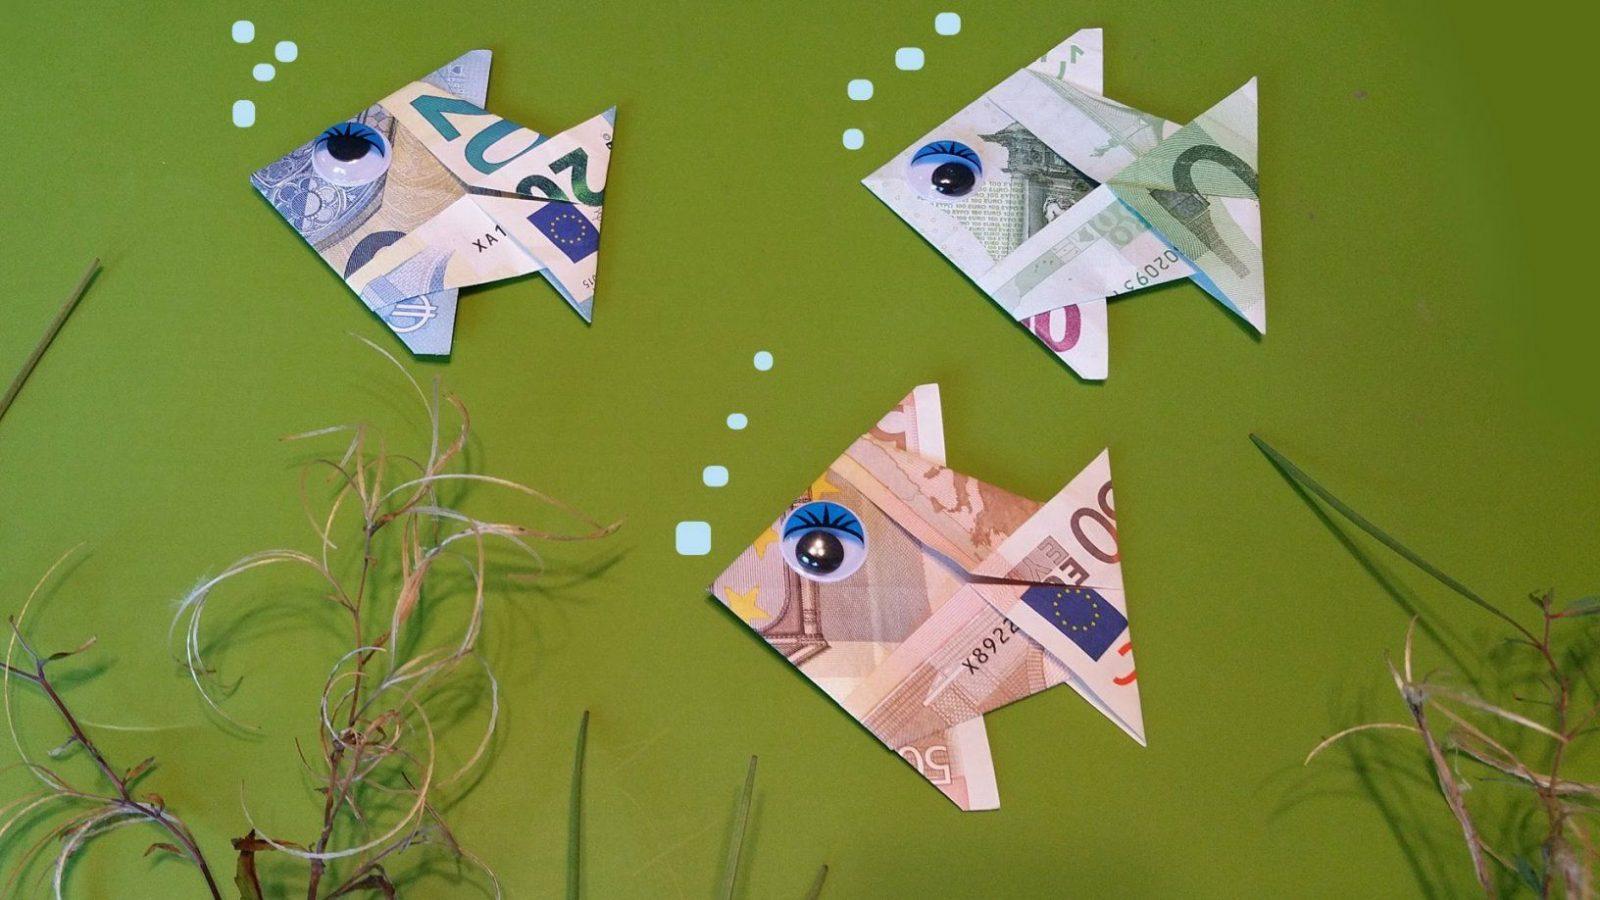 Geldschein Fisch Falten  Geldgeschenke + Anleitung Origami  Youtube von Fisch Aus Geldschein Falten Photo